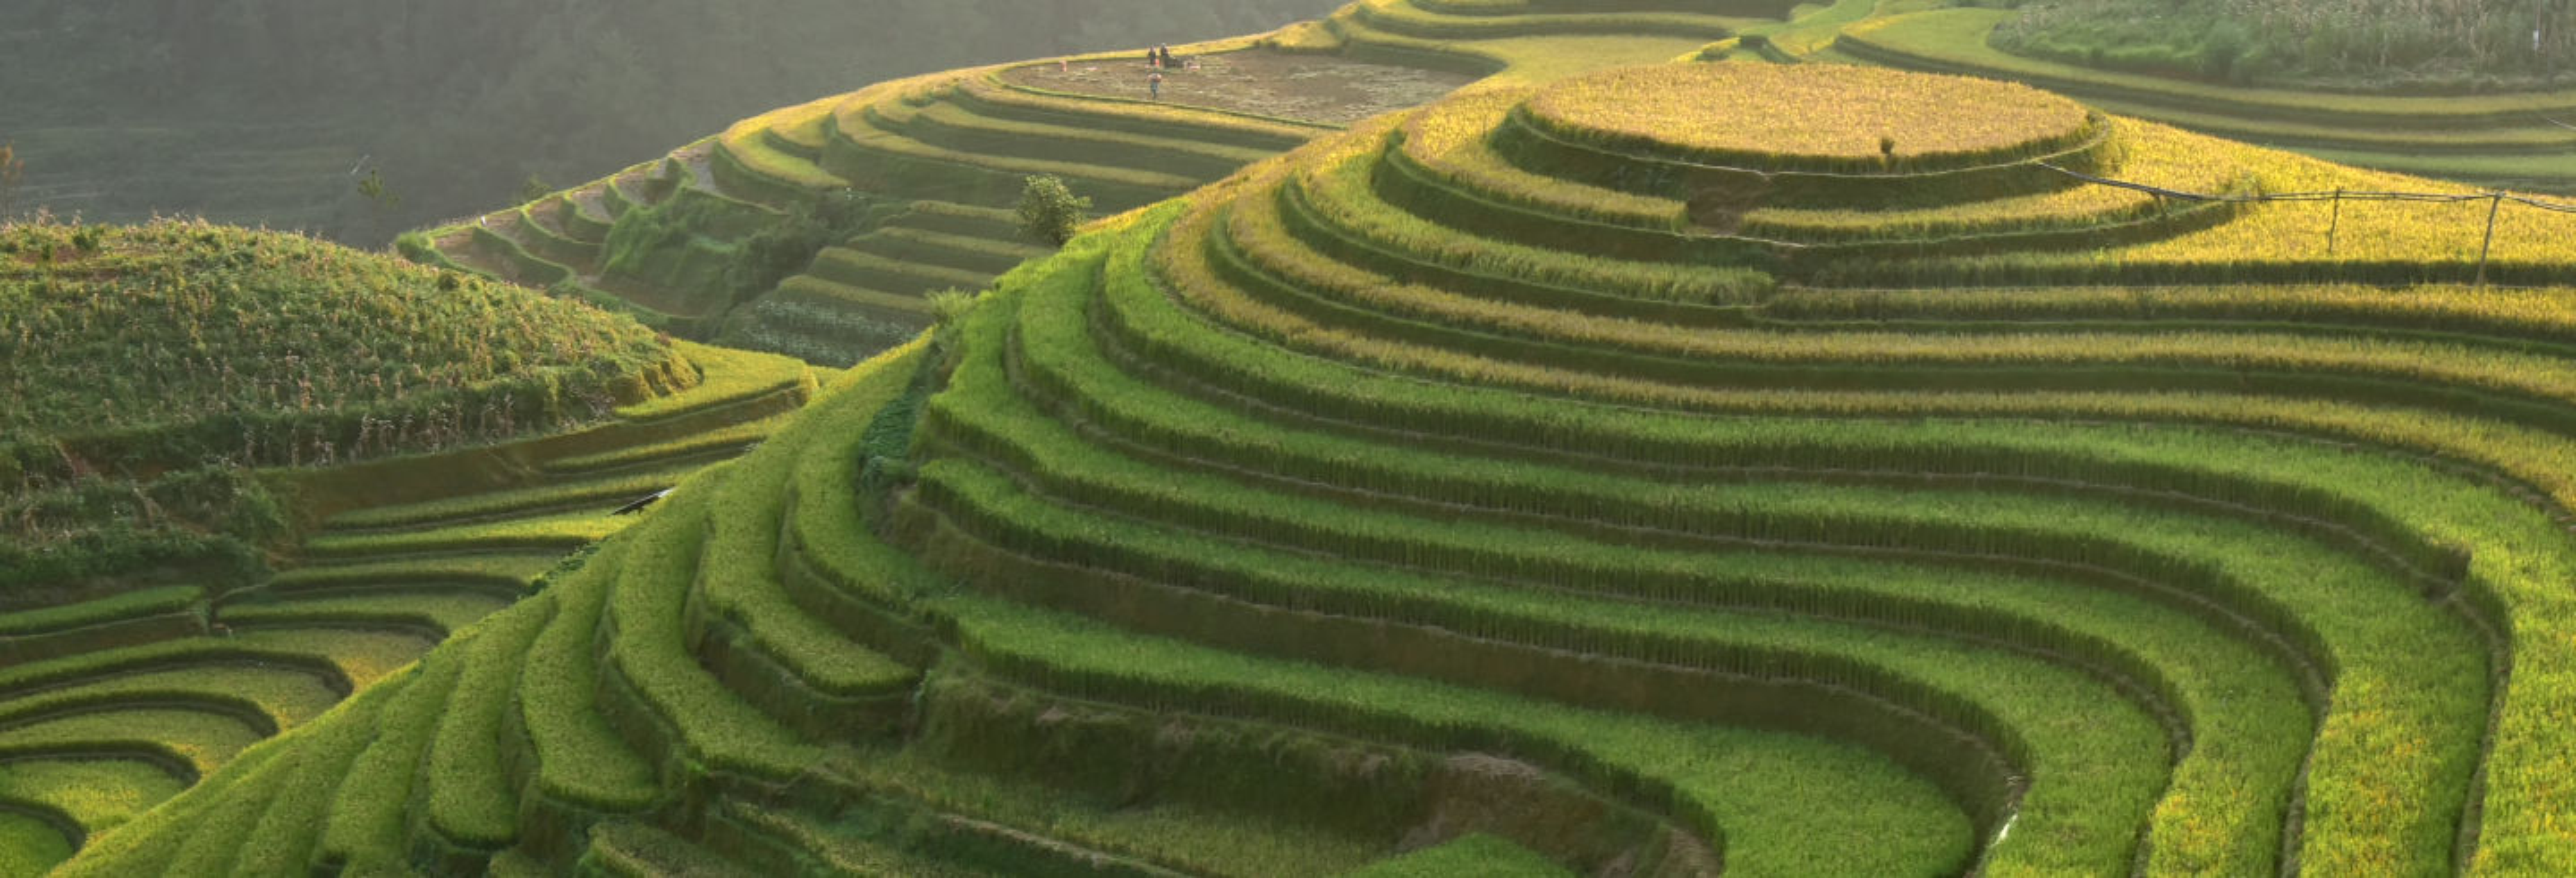 Balade à vélo dans les rizières